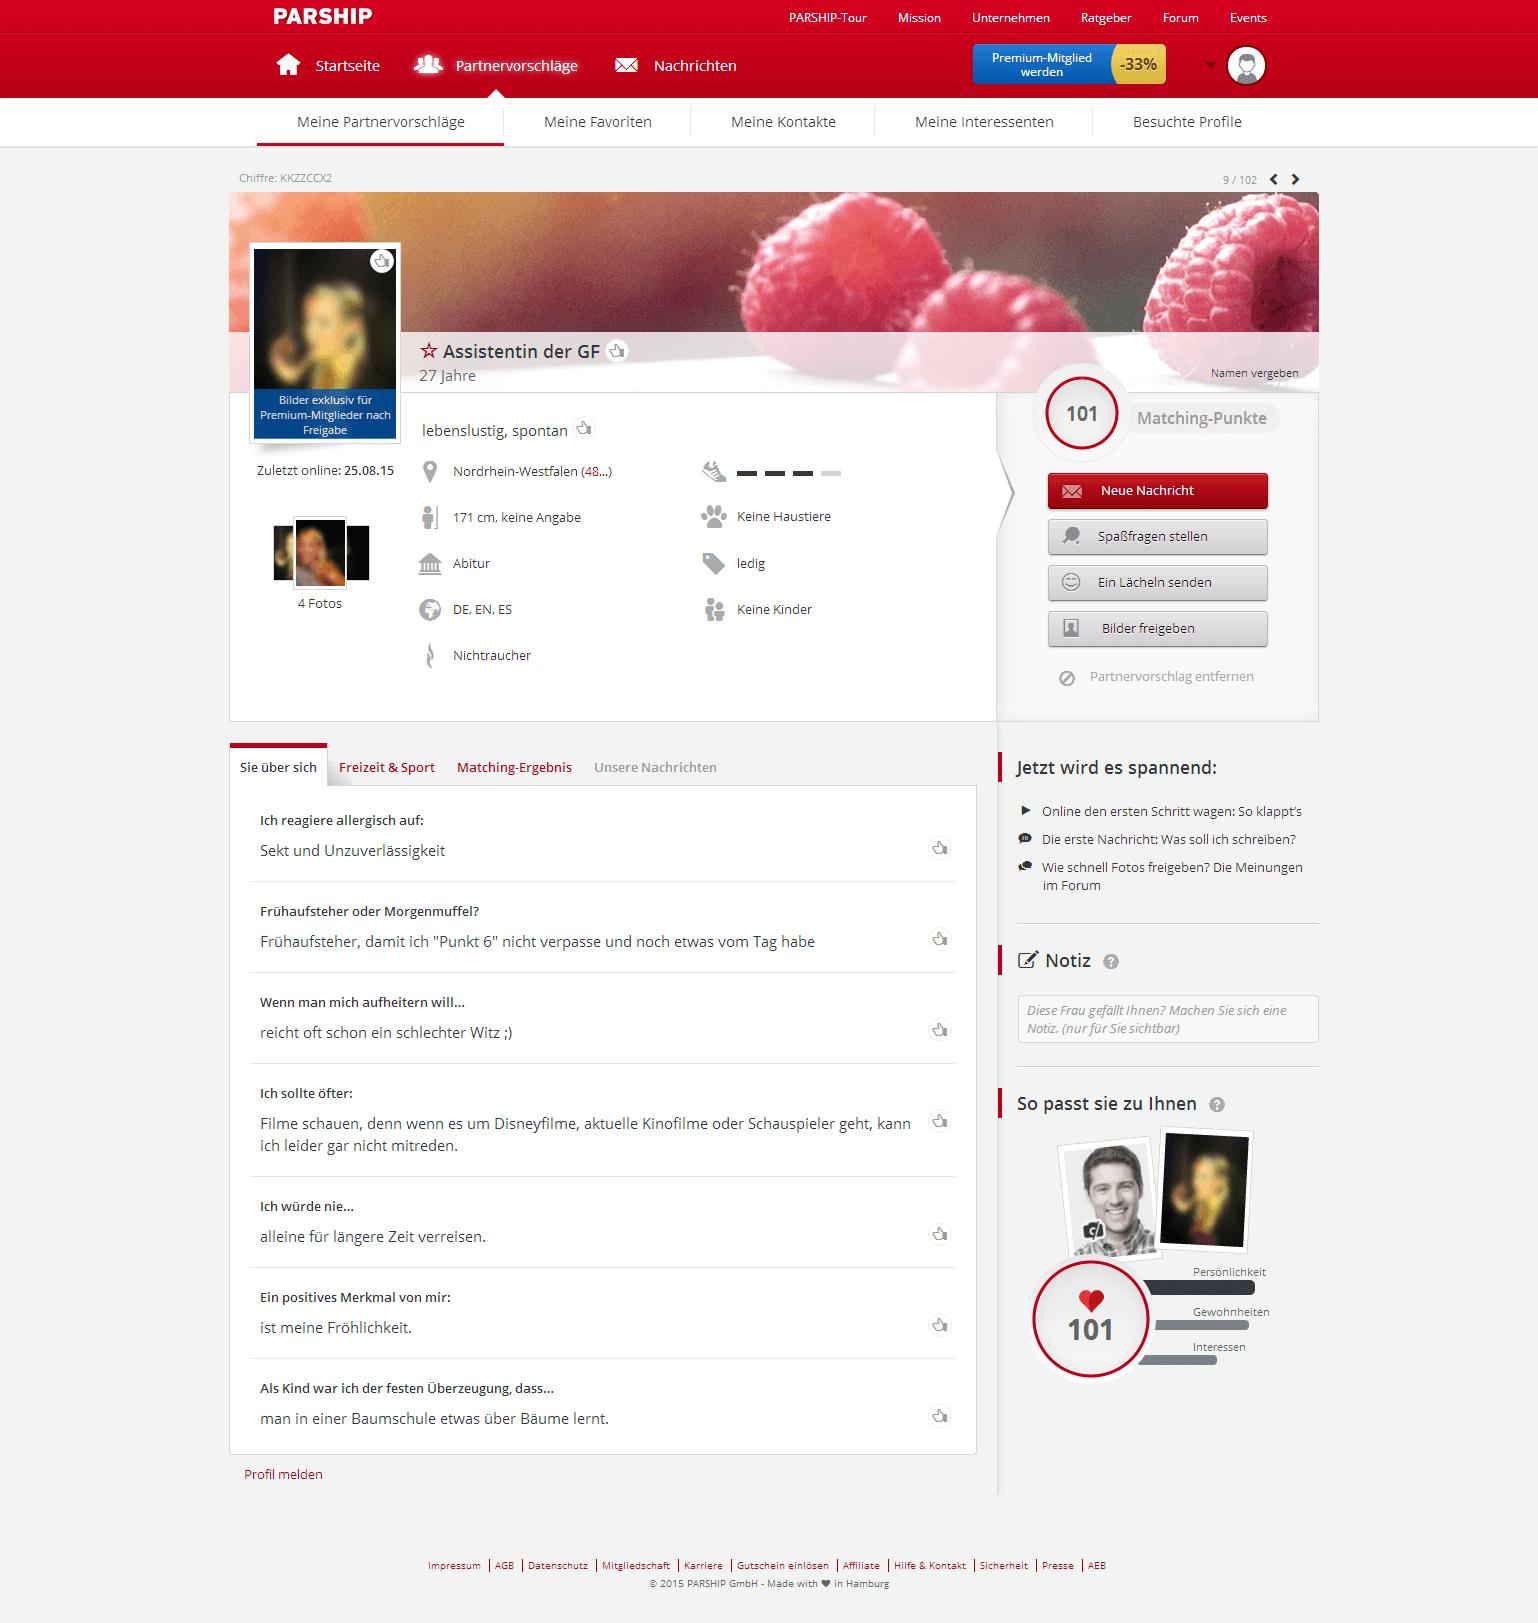 Profil Löschen Bei Parship